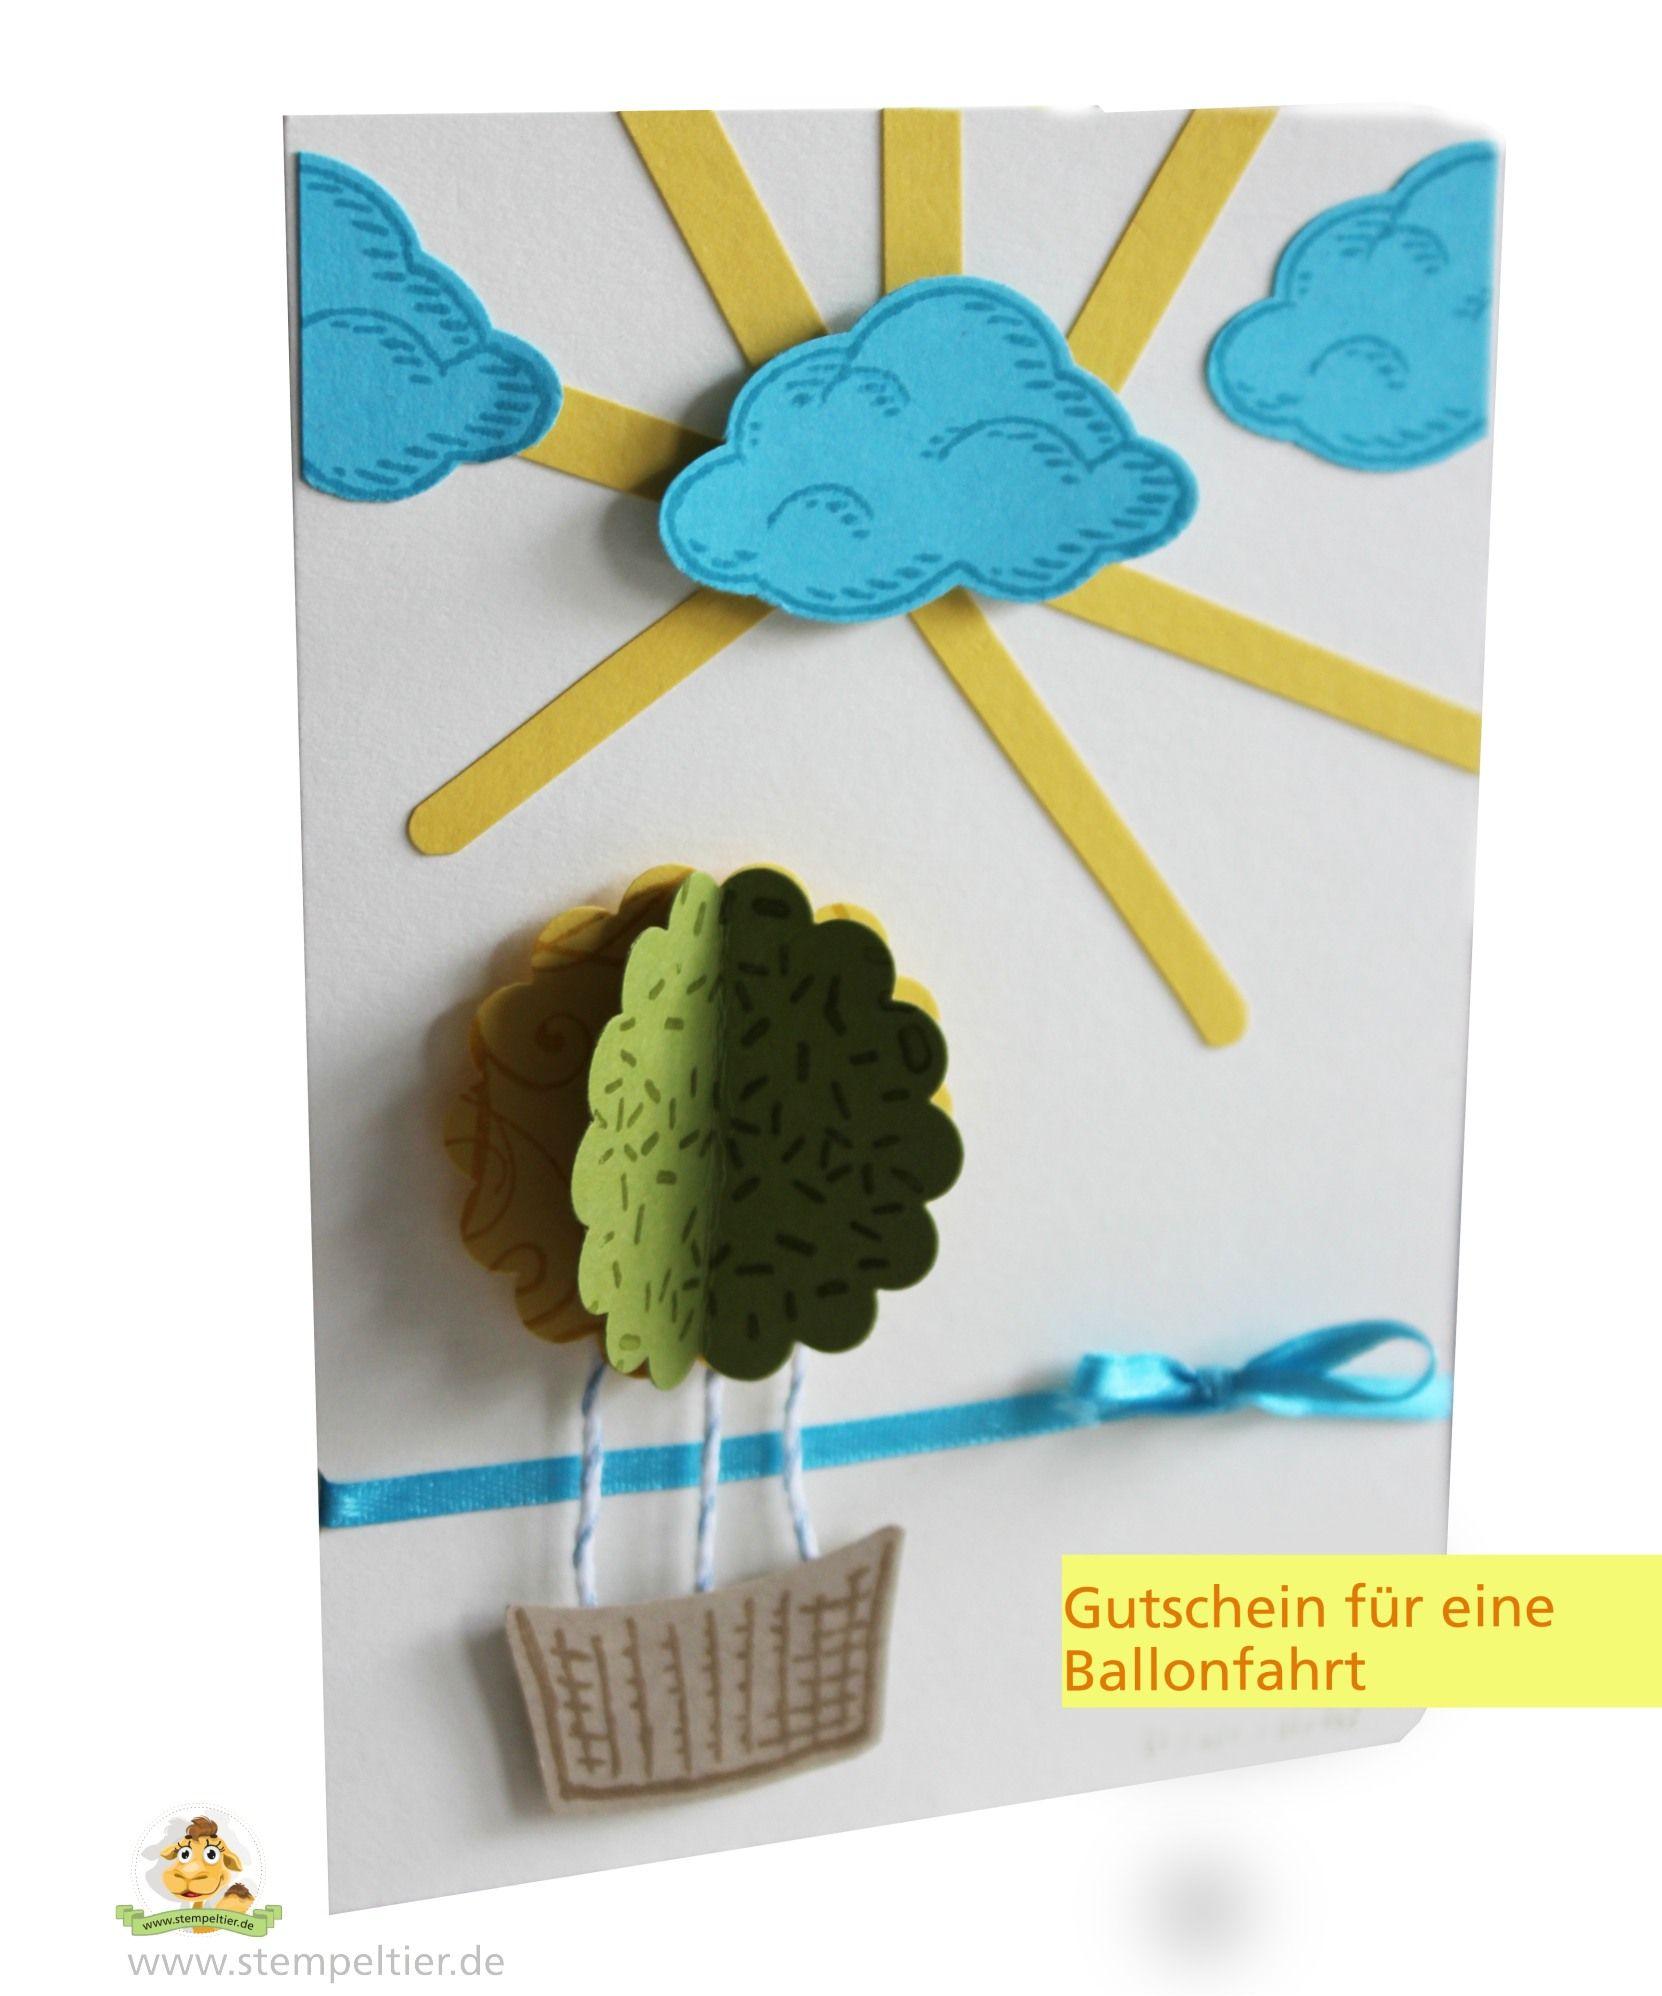 eine Gutscheinkarte mit Stampin' Up! Produkten für eine Ballonfahrt #Baumstanze # Signalfarben # Worte die gut tun